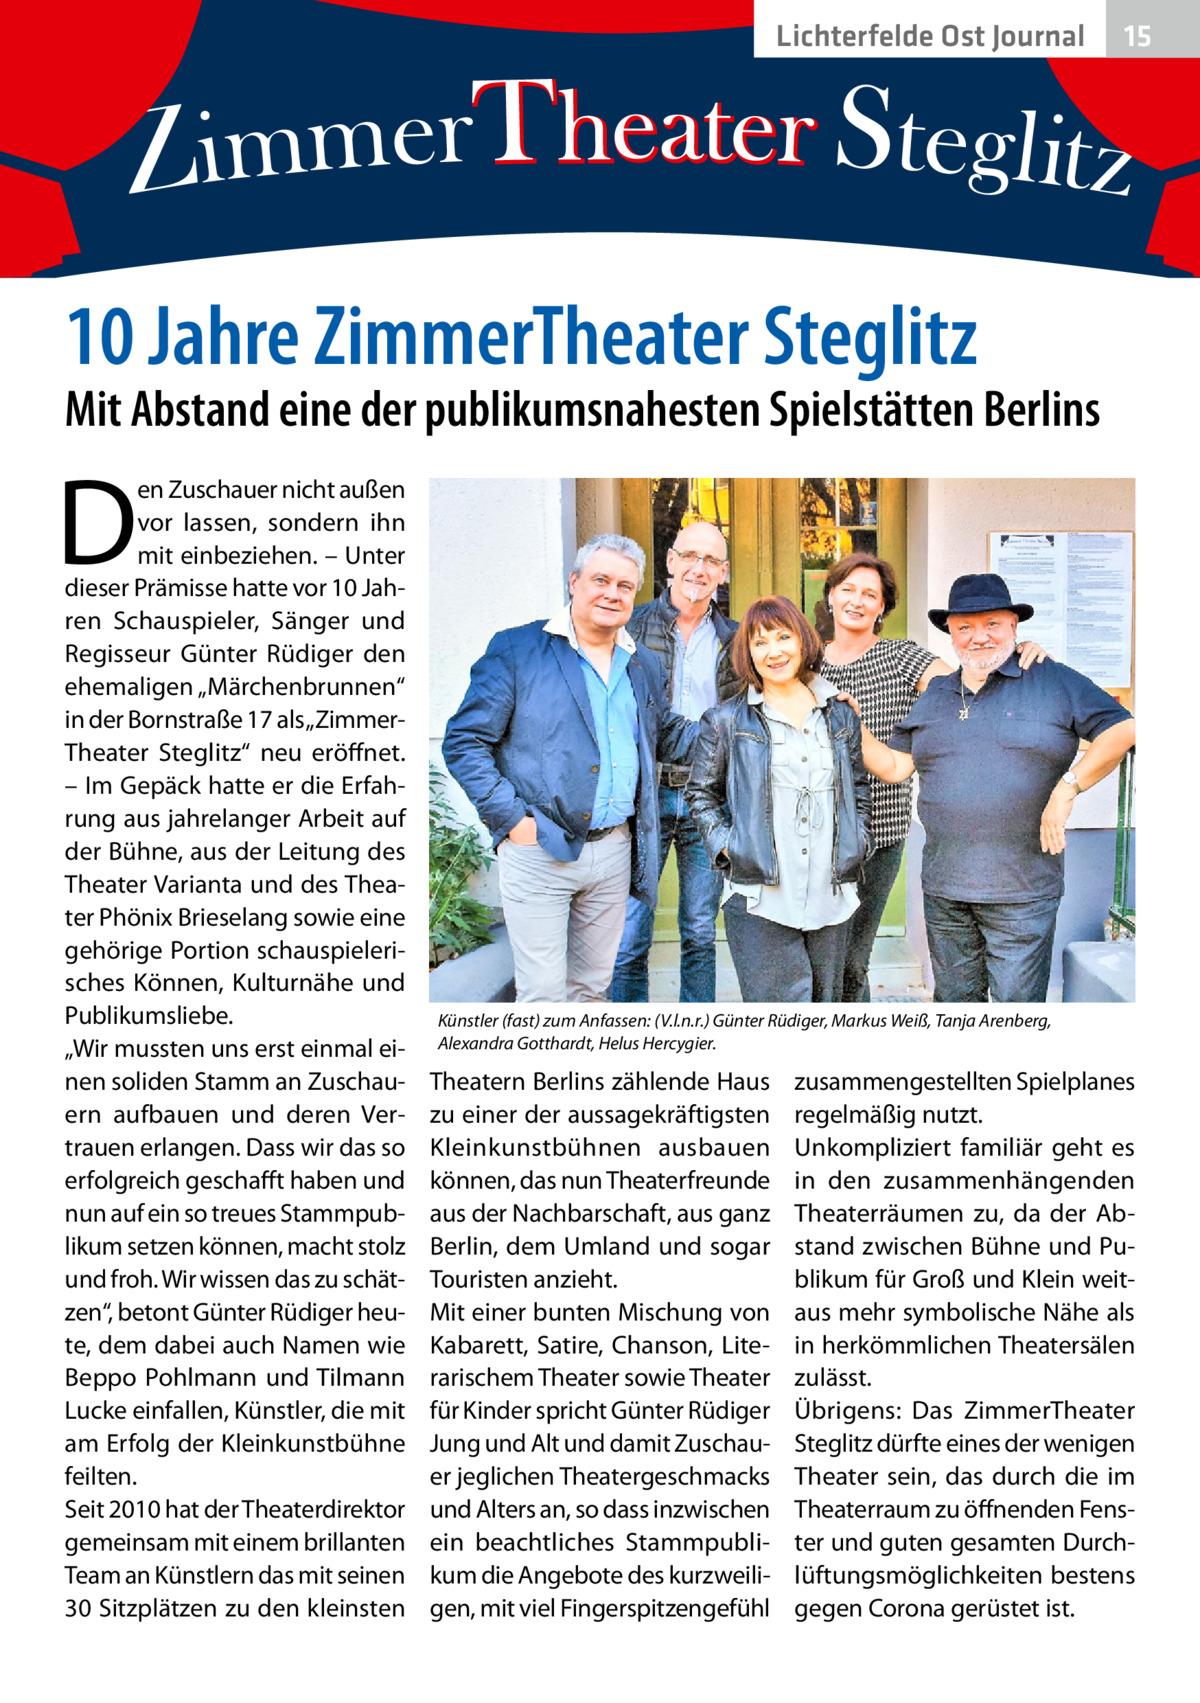 """Lichterfelde Ost Journal  15 15  10Jahre ZimmerTheater Steglitz  Mit Abstand eine der publikumsnahesten Spielstätten Berlins  D  en Zuschauer nicht außen vor lassen, sondern ihn mit einbeziehen. – Unter dieser Prämisse hatte vor 10Jahren Schauspieler, Sänger und Regisseur Günter Rüdiger den ehemaligen """"Märchenbrunnen"""" in der Bornstraße17 als """"ZimmerTheater Steglitz"""" neu eröffnet. – Im Gepäck hatte er die Erfahrung aus jahrelanger Arbeit auf der Bühne, aus der Leitung des Theater Varianta und des Theater Phönix Brieselang sowie eine gehörige Portion schauspielerisches Können, Kulturnähe und Publikumsliebe. """"Wir mussten uns erst einmal einen soliden Stamm an Zuschauern aufbauen und deren Vertrauen erlangen. Dass wir das so erfolgreich geschafft haben und nun auf ein so treues Stammpublikum setzen können, macht stolz und froh. Wir wissen das zu schätzen"""", betont Günter Rüdiger heute, dem dabei auch Namen wie Beppo Pohlmann und Tilmann Lucke einfallen, Künstler, die mit am Erfolg der Kleinkunstbühne feilten. Seit 2010 hat der Theaterdirektor gemeinsam mit einem brillanten Team an Künstlern das mit seinen 30Sitzplätzen zu den kleinsten  Künstler (fast) zum Anfassen: (V.l.n.r.) Günter Rüdiger, Markus Weiß, Tanja Arenberg, Alexandra Gotthardt, Helus Hercygier.  Theatern Berlins zählende Haus zu einer der aussagekräftigsten Kleinkunstbühnen ausbauen können, das nun Theaterfreunde aus der Nachbarschaft, aus ganz Berlin, dem Umland und sogar Touristen anzieht. Mit einer bunten Mischung von Kabarett, Satire, Chanson, Literarischem Theater sowie Theater für Kinder spricht Günter Rüdiger Jung und Alt und damit Zuschauer jeglichen Theatergeschmacks und Alters an, so dass inzwischen ein beachtliches Stammpublikum die Angebote des kurzweiligen, mit viel Fingerspitzengefühl  zusammengestellten Spielplanes regelmäßig nutzt. Unkompliziert familiär geht es in den zusammenhängenden Theaterräumen zu, da der Abstand zwischen Bühne und Publikum für Groß und Klein weitaus mehr symbolische N"""